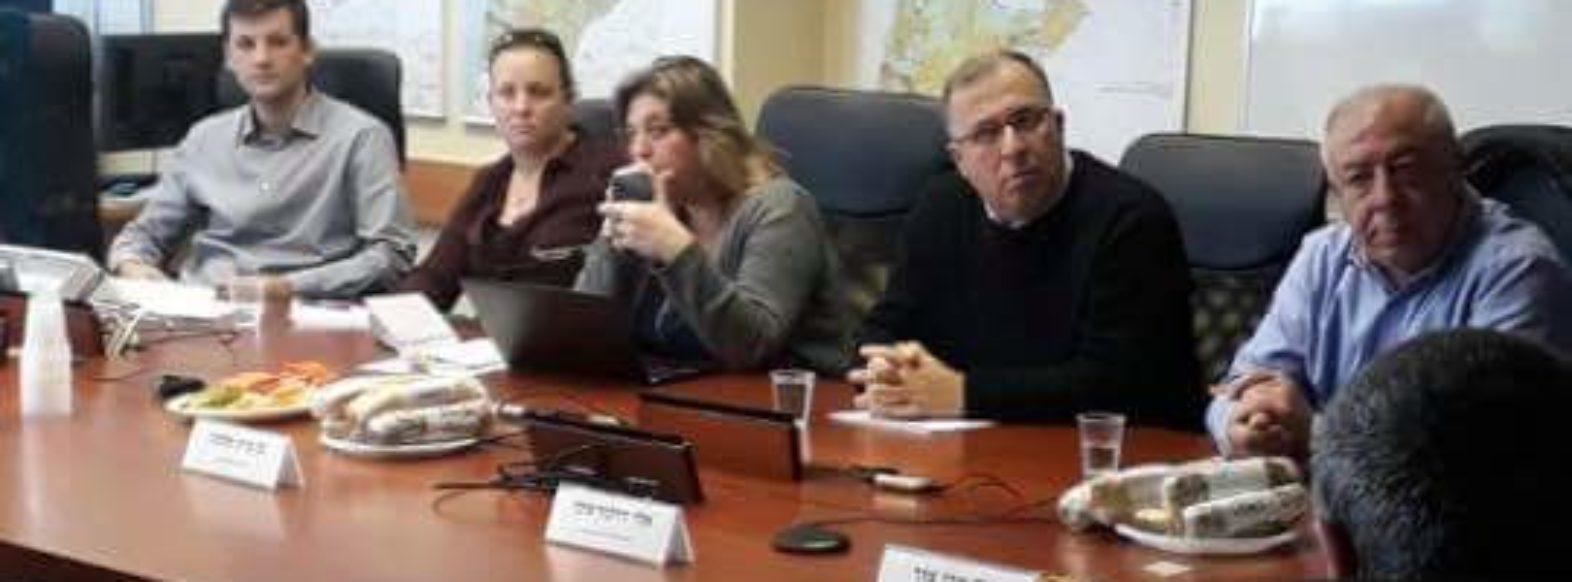 """דוקורסקי נגד הקמת מועצה תעשייתית למתחם בז""""ן:"""